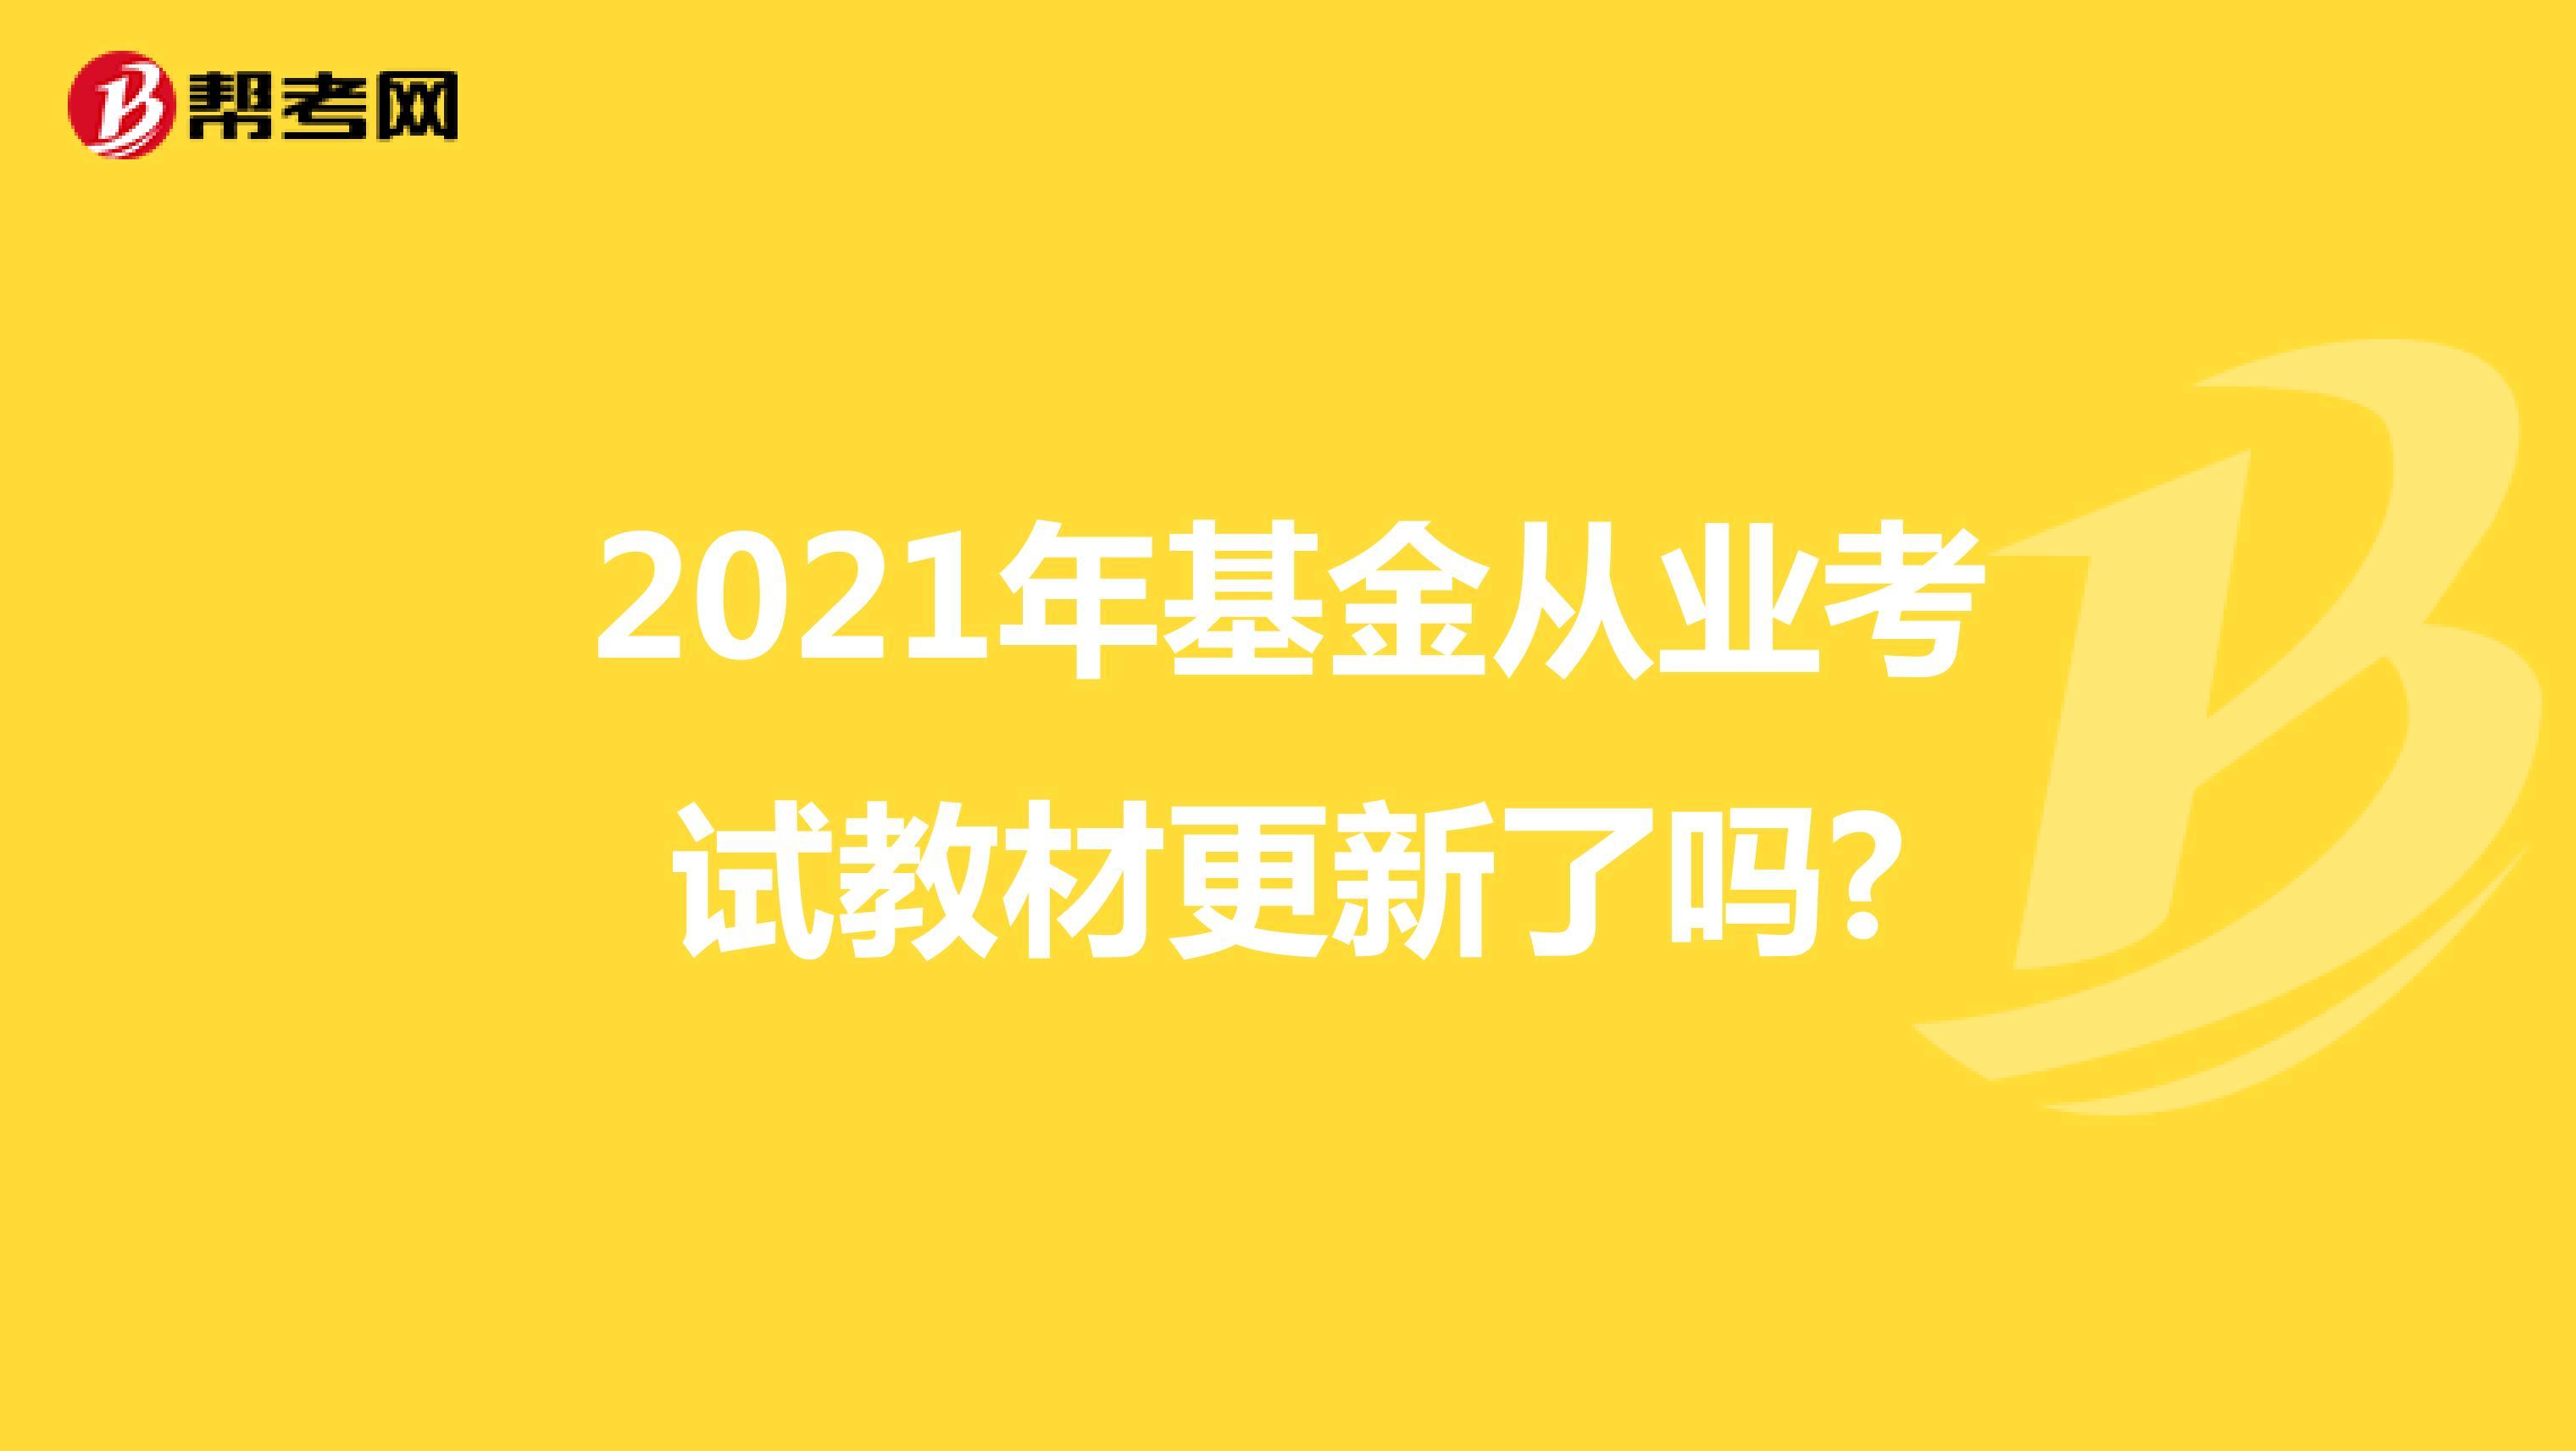 2021年基金从业考试教材更新了吗?